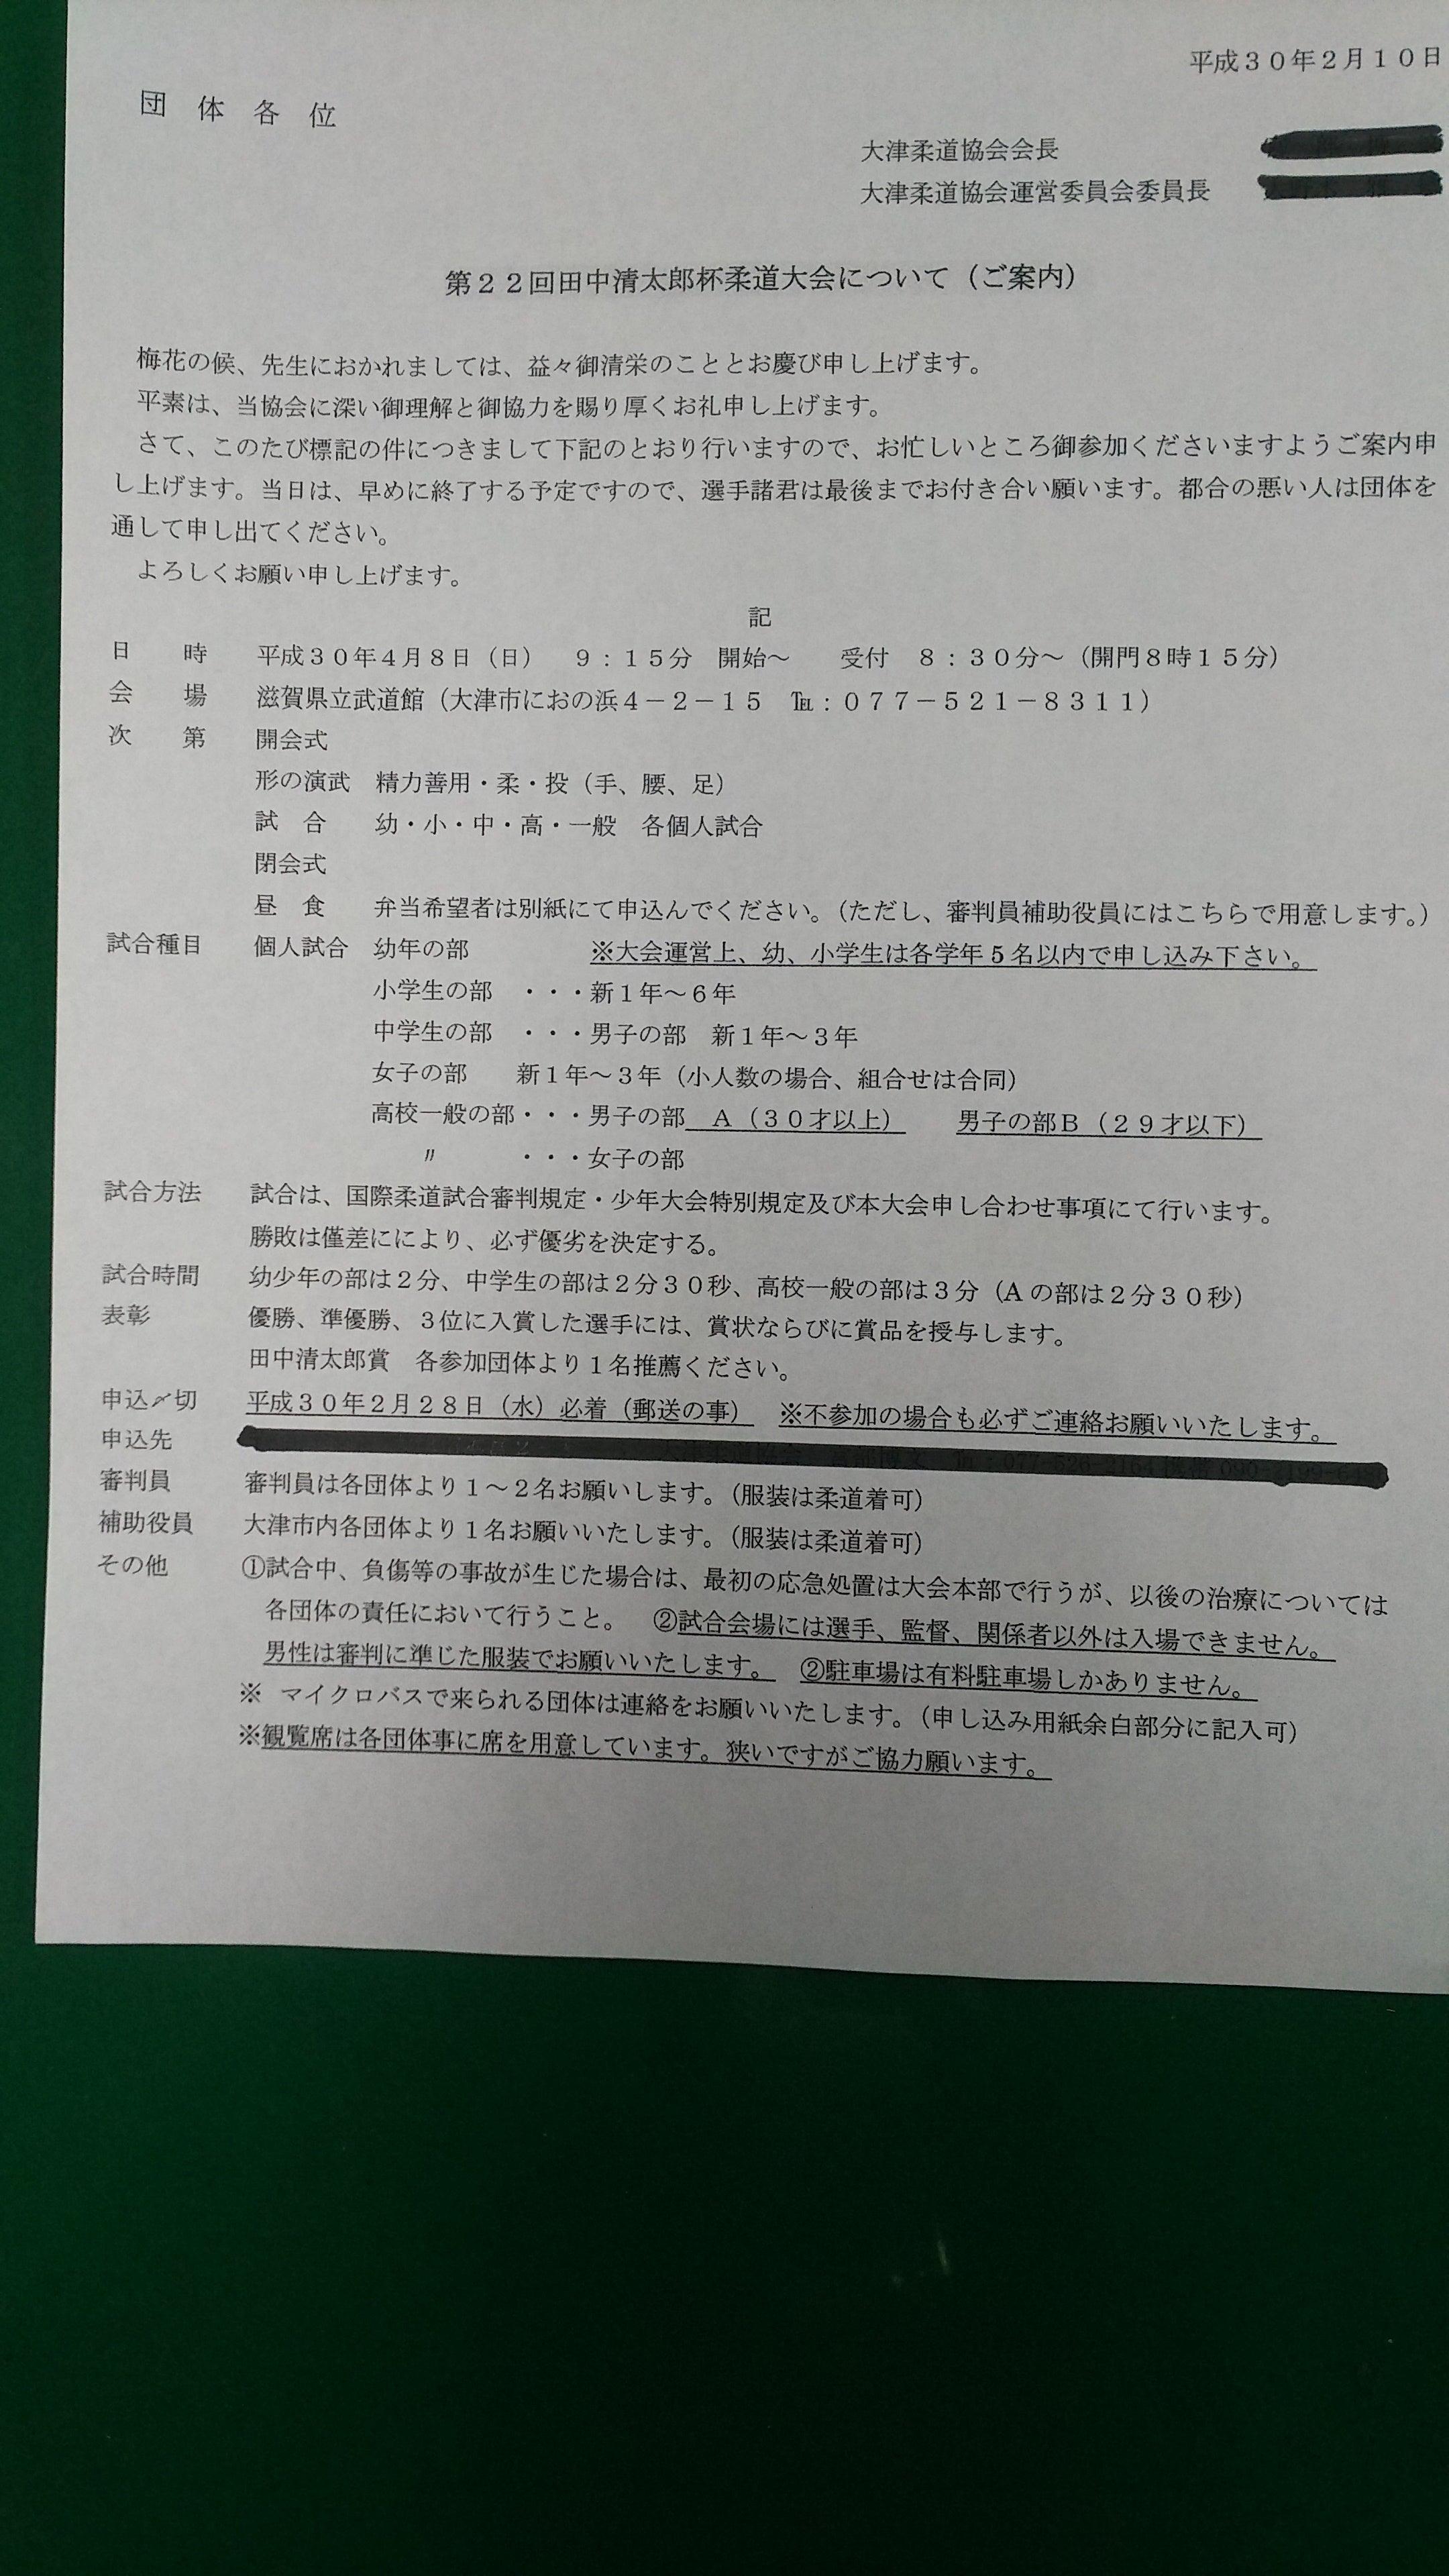 田中清太郎杯 | 柔道こそ我が人...